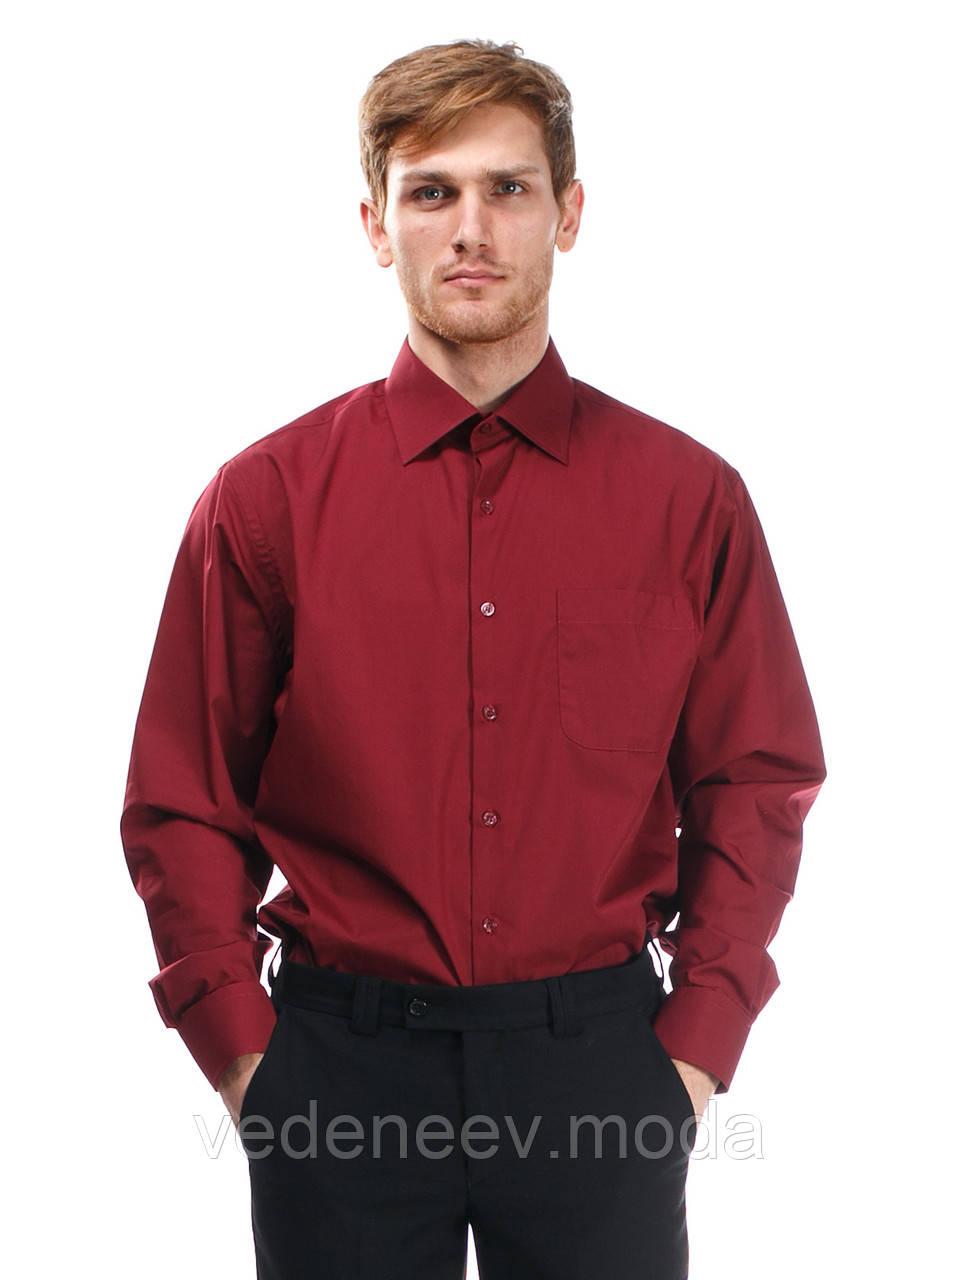 55be681028d Мужская классическая рубашка бордового цвета - Мужские и женские РУБАШКИ  для ВСЕХ.